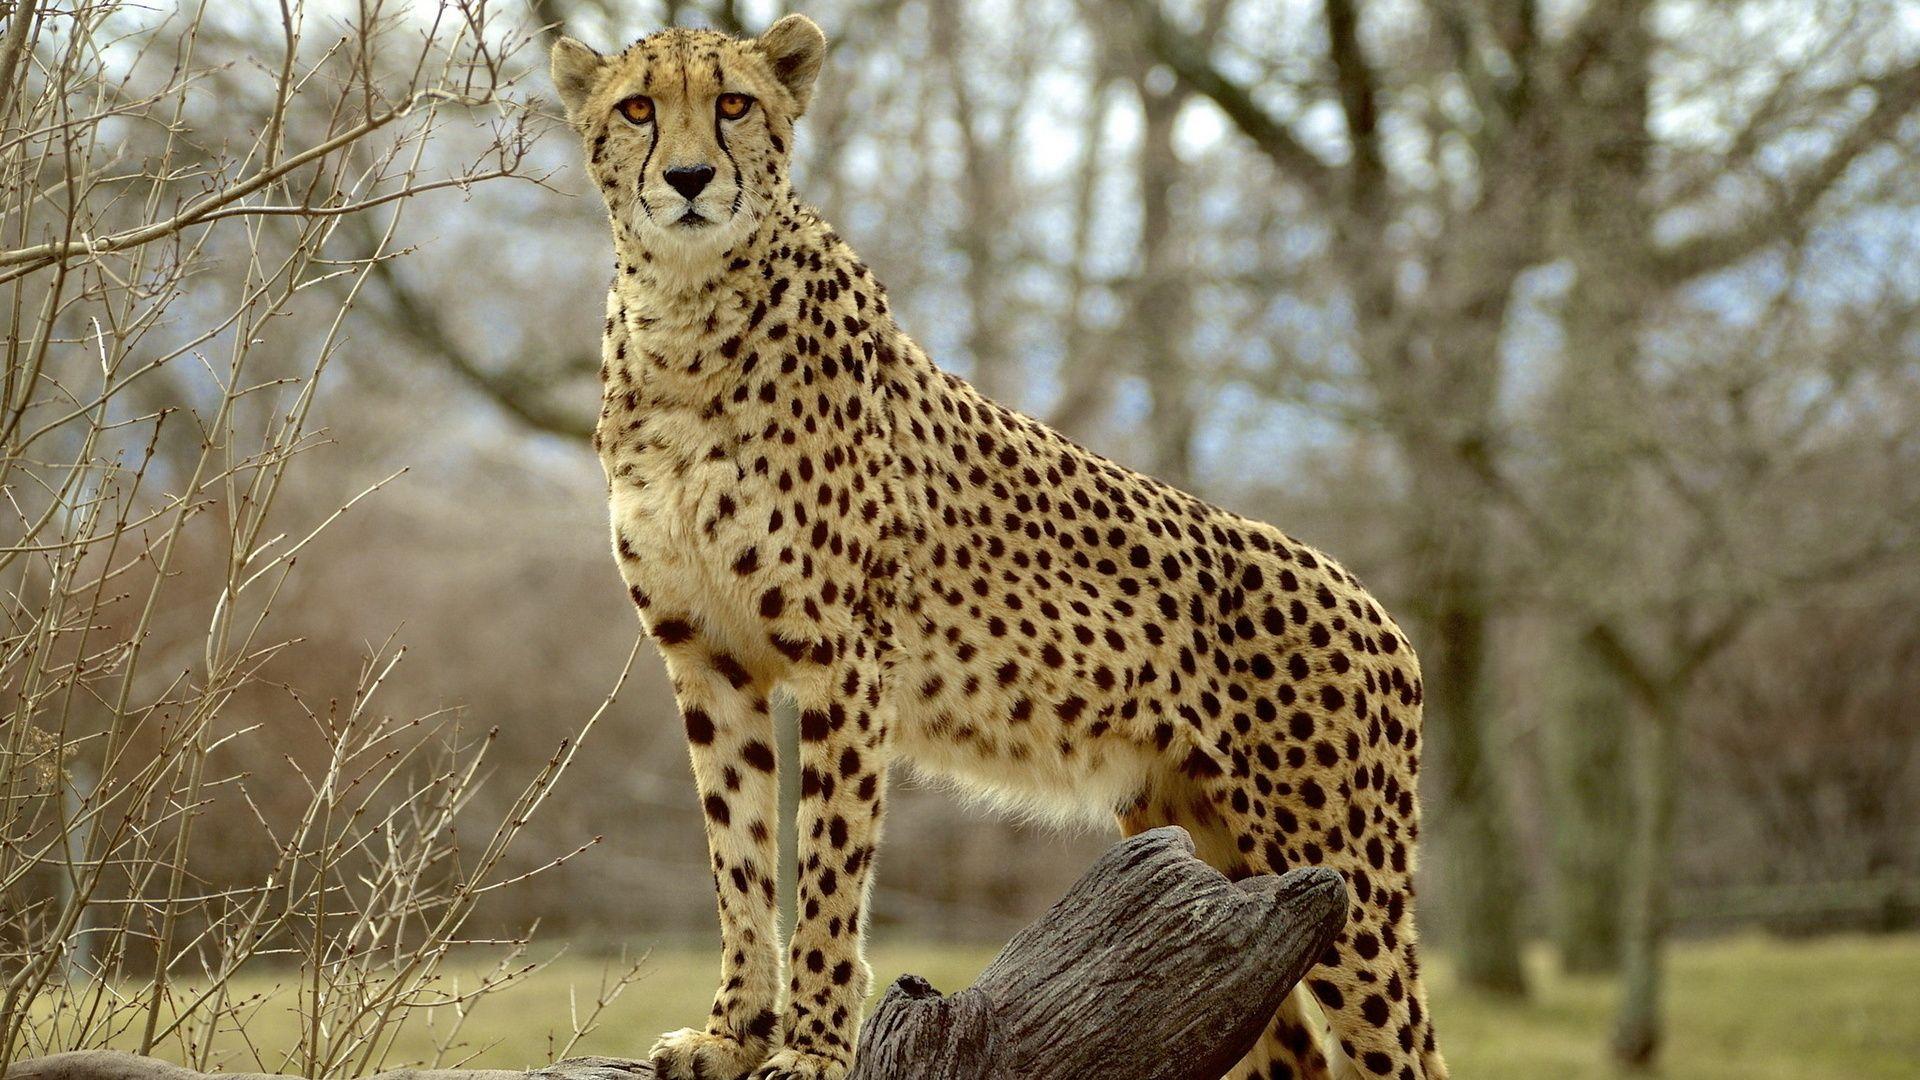 Cheetah, Snout, View, Predator